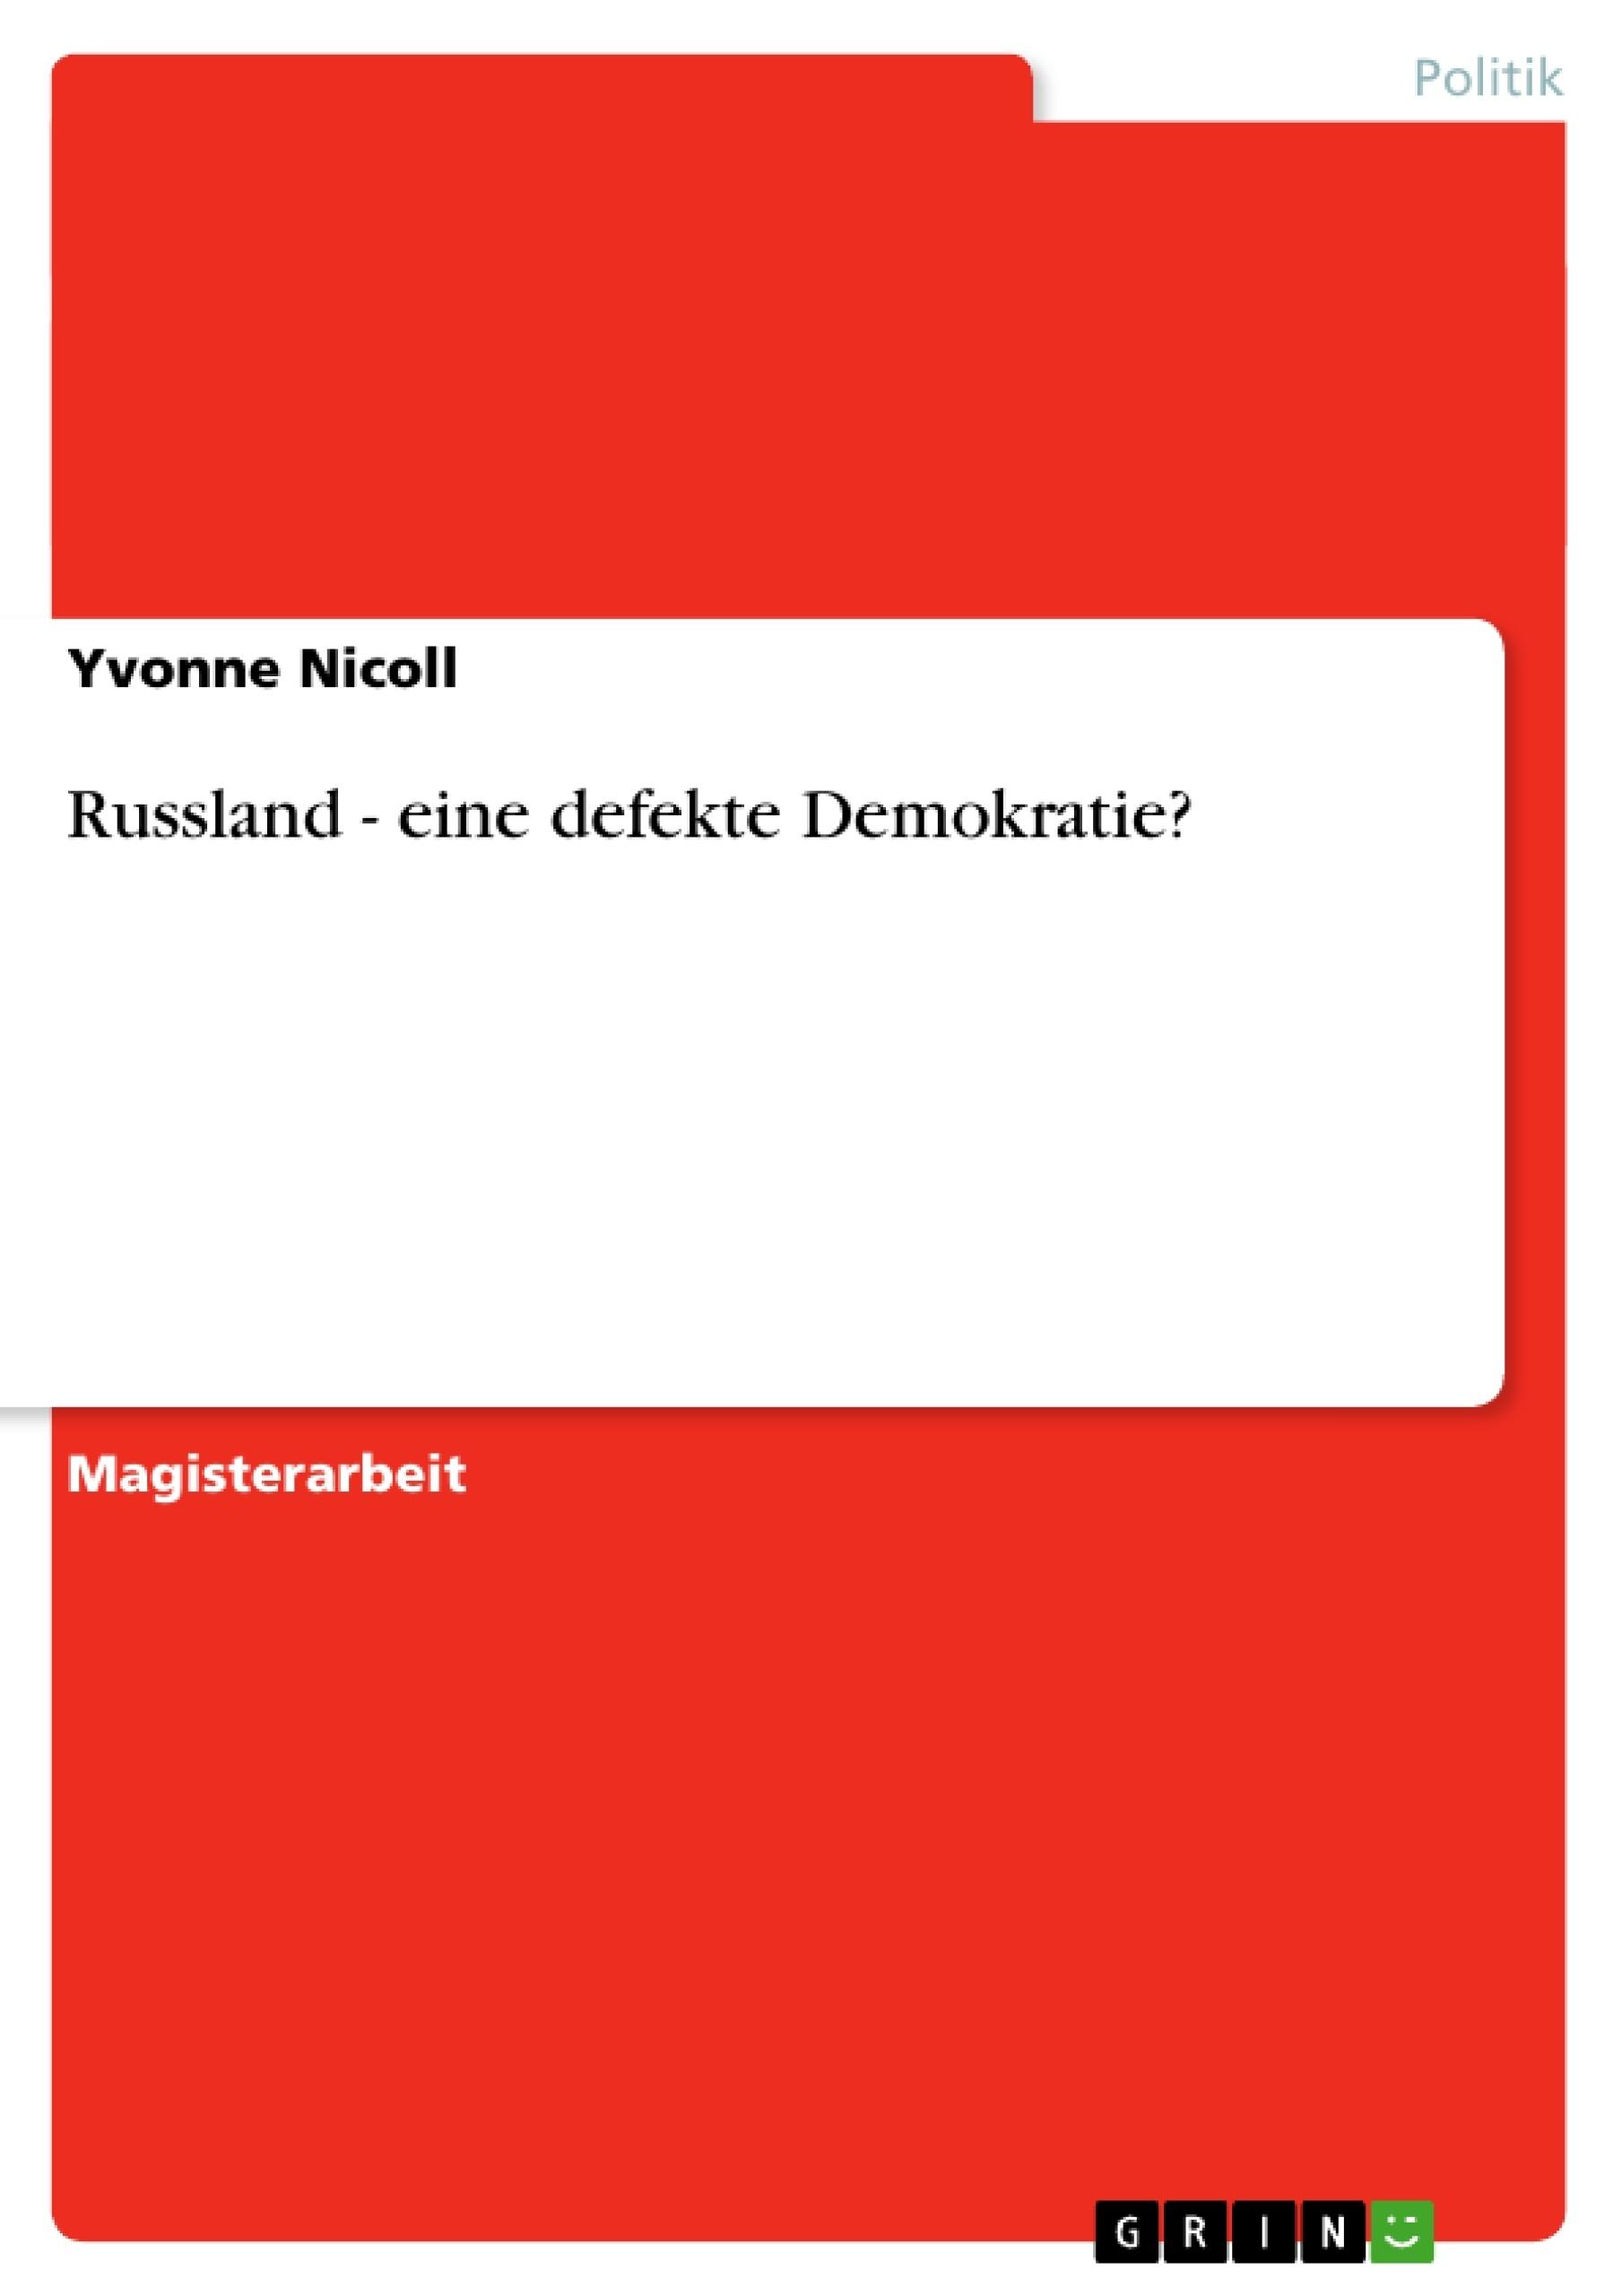 Titel: Russland - eine defekte Demokratie?